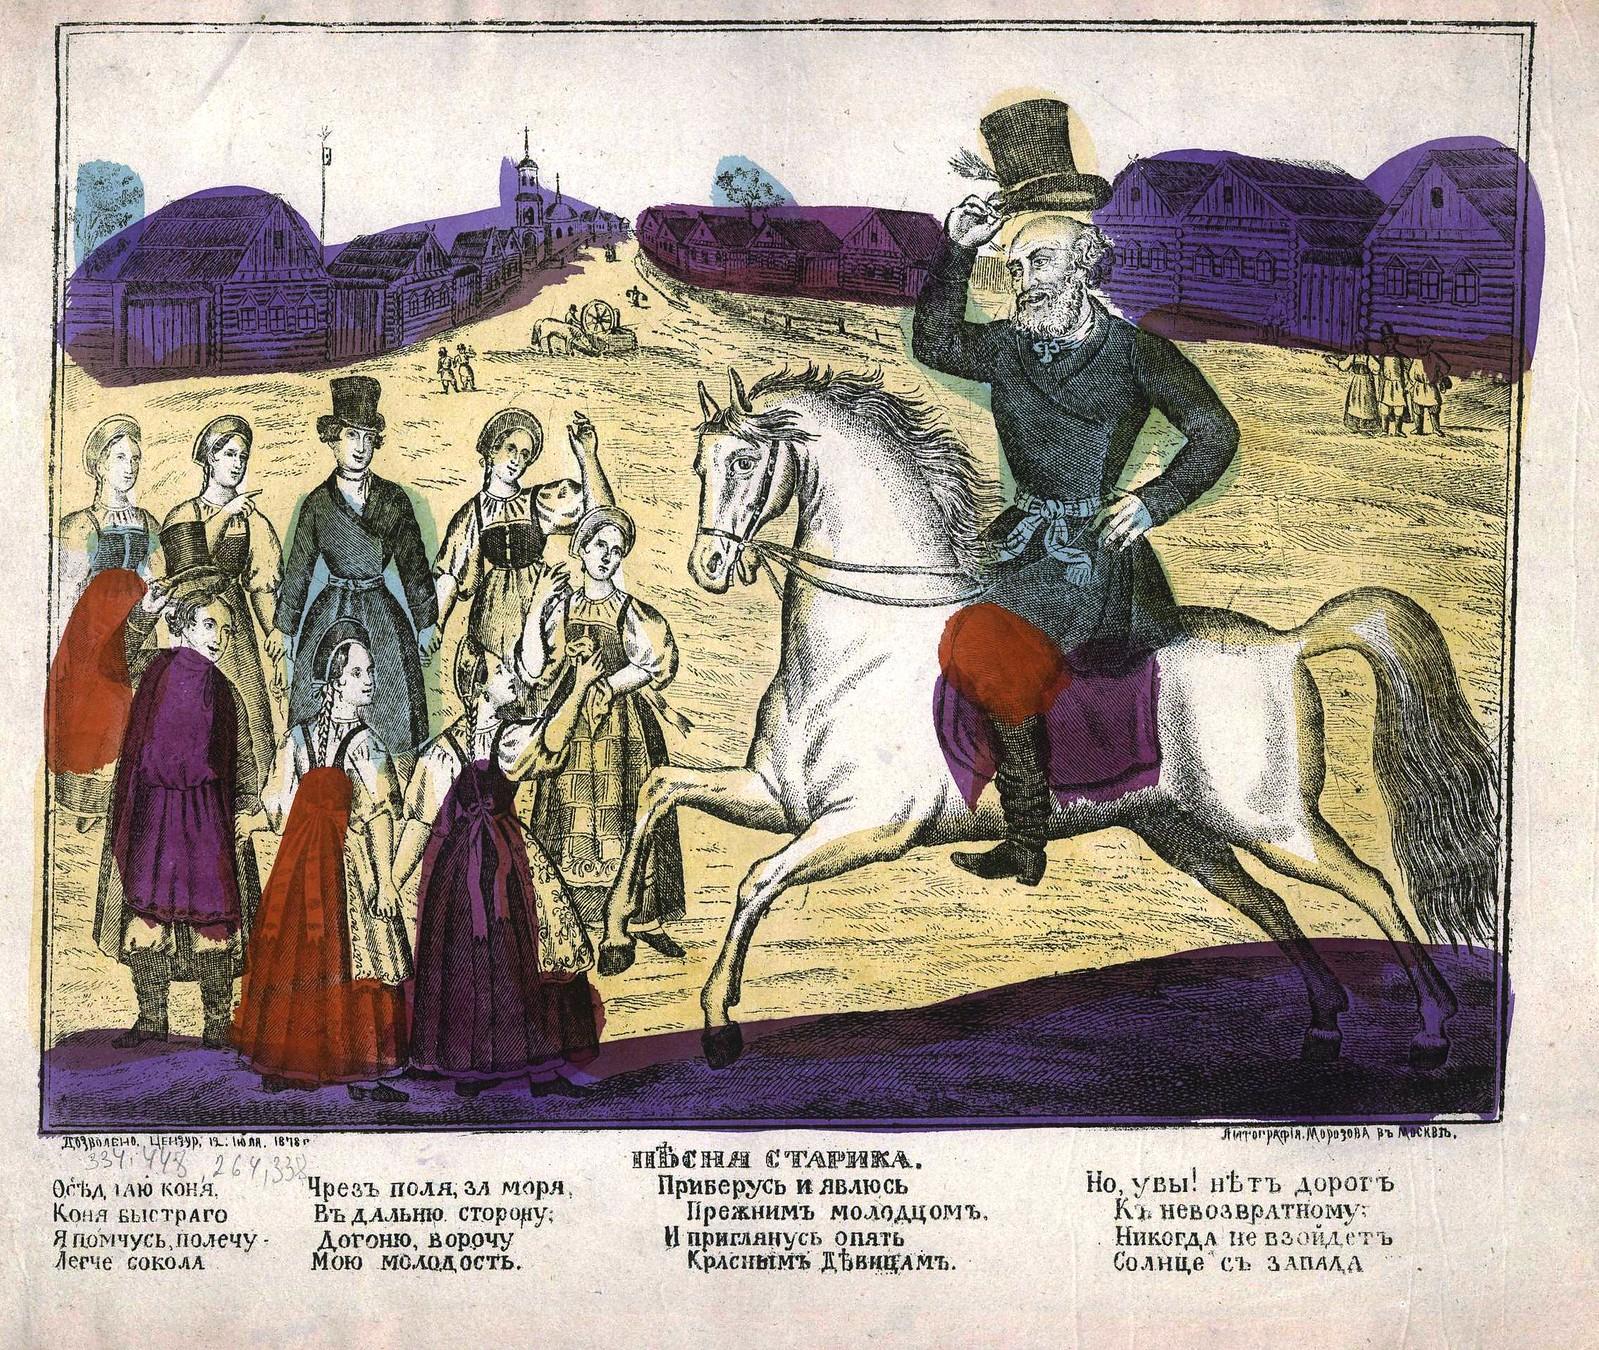 1878. Песня старика. Оседлаю коня, коня быстрого. Я помчусь, полечу легче сокола...